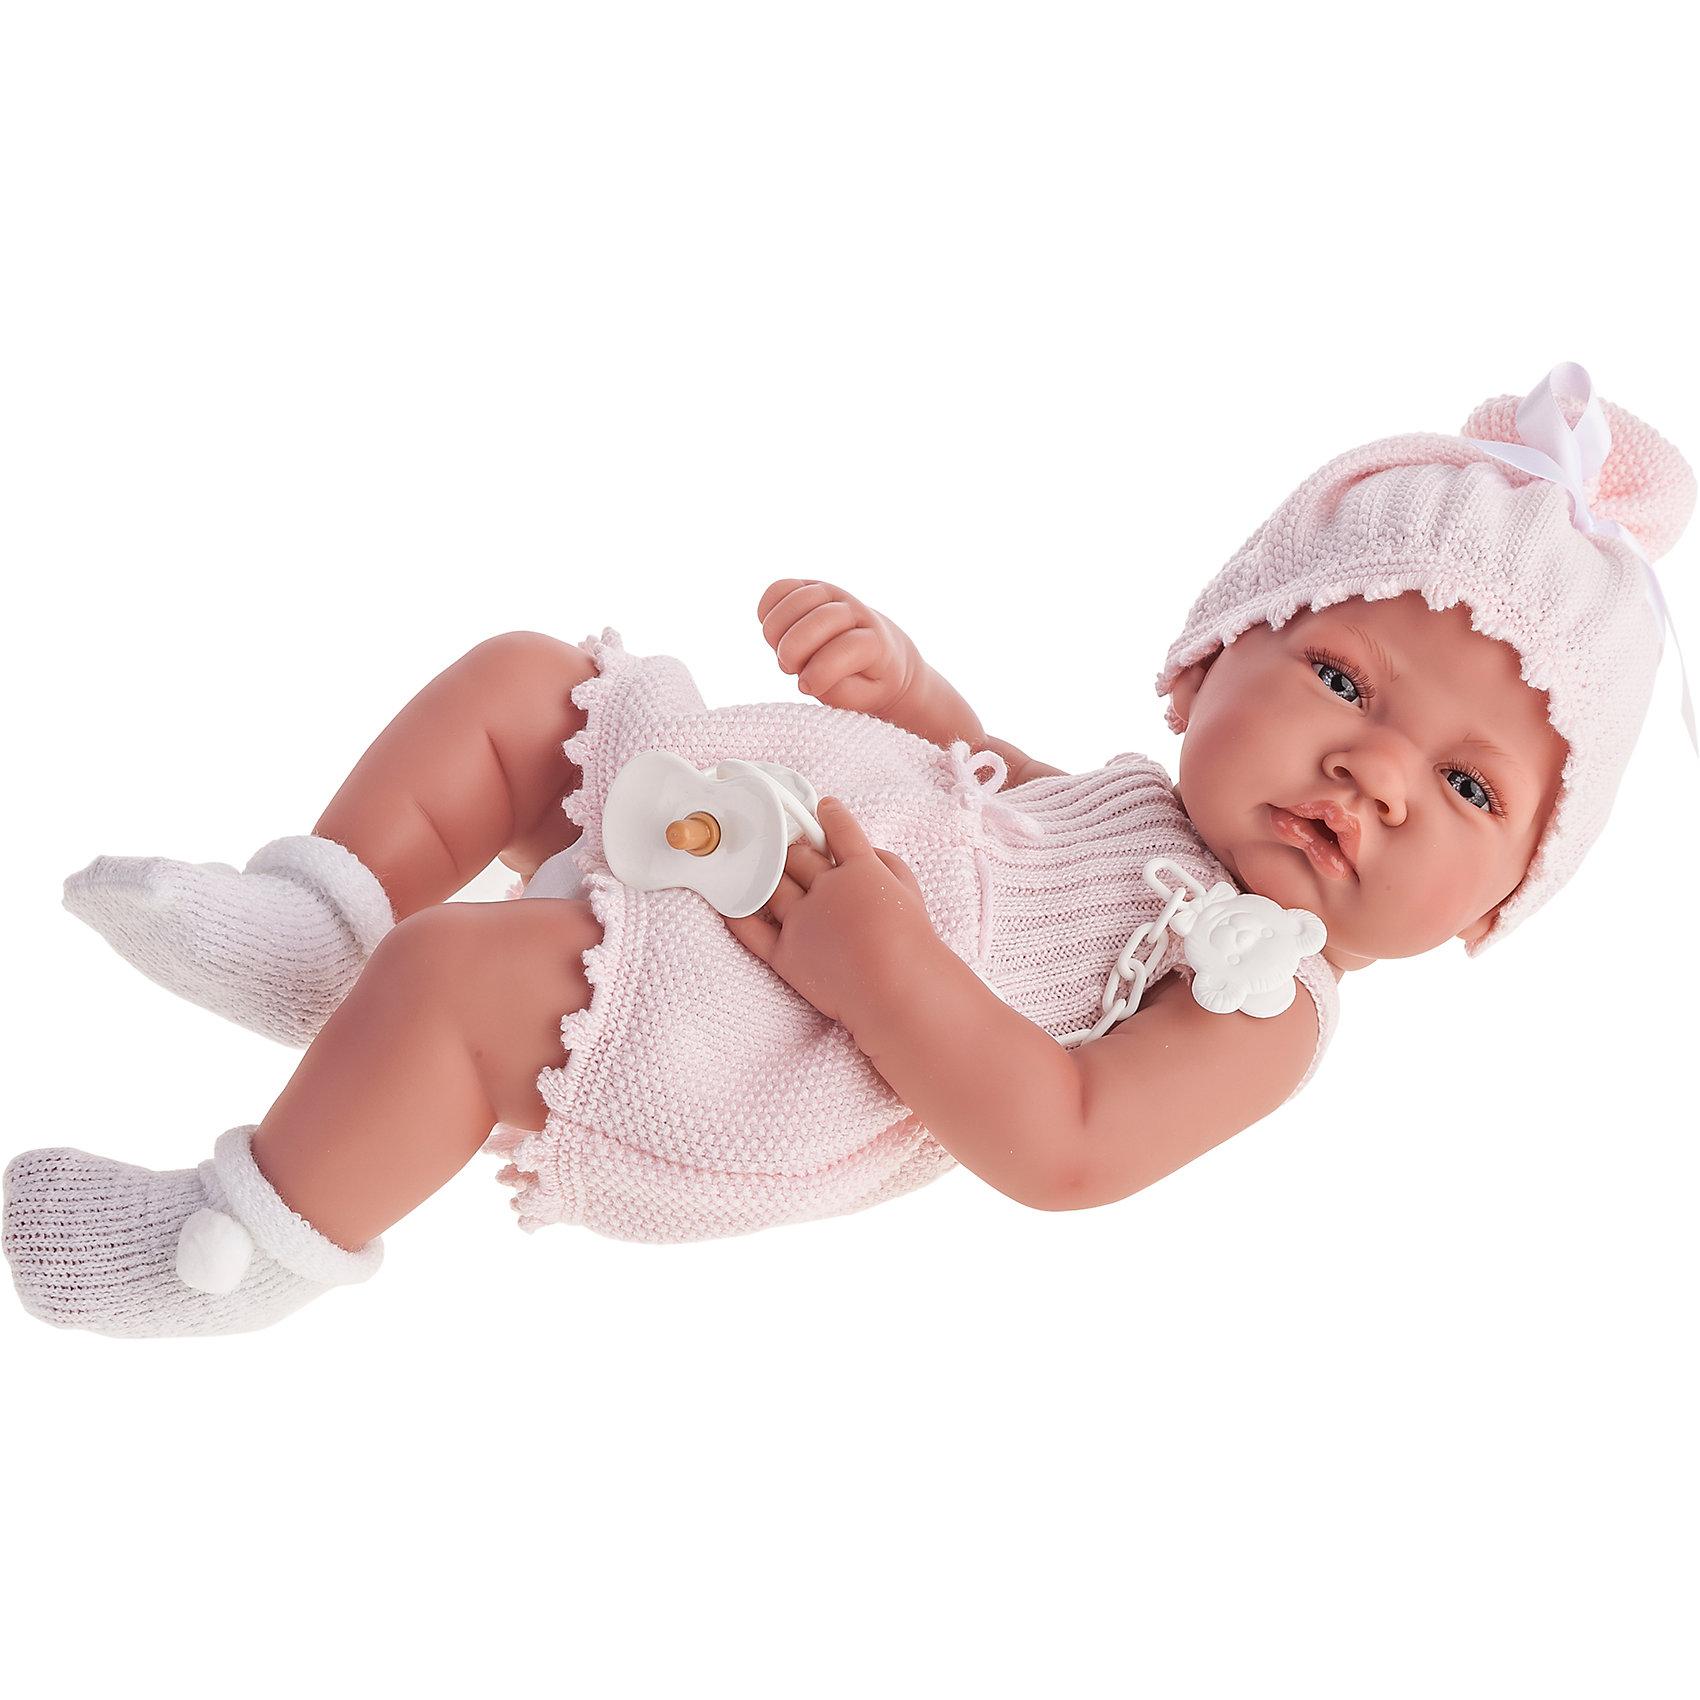 Кукла-младенец Мануэла, 42 см, Munecas Antonio JuanКукла-младенец Мануэла, 42 см, Munecas Antonio Juan (Мунекас Антонио Хуан).<br><br>Характеристики:<br><br>- Комплектация: кукла, соска<br>- Материал: винил, текстиль<br>- Высота куклы: 42 см.<br>- Глаза не закрываются<br>- Упаковка: яркая подарочная коробка<br><br>Малышка Мануэла невероятно похожа на настоящего младенца. Анатомическая точность, с которой выполнена кукла, поражает! Выразительные глазки, маленький носик, пушистые ресницы, нежные щечки, пухлые губки, милые «перевязочки» на ручках и ножках придают кукле реалистичный вид и вызывают только самые положительные и добрые эмоции. Мануэла одета в розовое вязаное платьице и чепчик, украшенный белым бантиком, а на ее ножках – мягкие носочки с помпончиком. У куклы есть любимая белая соска, которая поставляется в комплекте с ней. Кукла изготовлена из высококачественного винила с покрытием софт тач, мягкого и приятного на ощупь. Голова, ручки и ножки подвижны. Кукла соответствует всем нормам и требованиям к качеству детских товаров. Образы малышей Мунекас разработаны известными европейскими дизайнерами. Они натуралистичны, анатомически точны.<br><br>Куклу-младенца Мануэла, 42 см, Munecas Antonio Juan (Мунекас Антонио Хуан) можно купить в нашем интернет-магазине.<br><br>Ширина мм: 50<br>Глубина мм: 26<br>Высота мм: 16<br>Вес г: 1775<br>Возраст от месяцев: 36<br>Возраст до месяцев: 2147483647<br>Пол: Женский<br>Возраст: Детский<br>SKU: 5055424